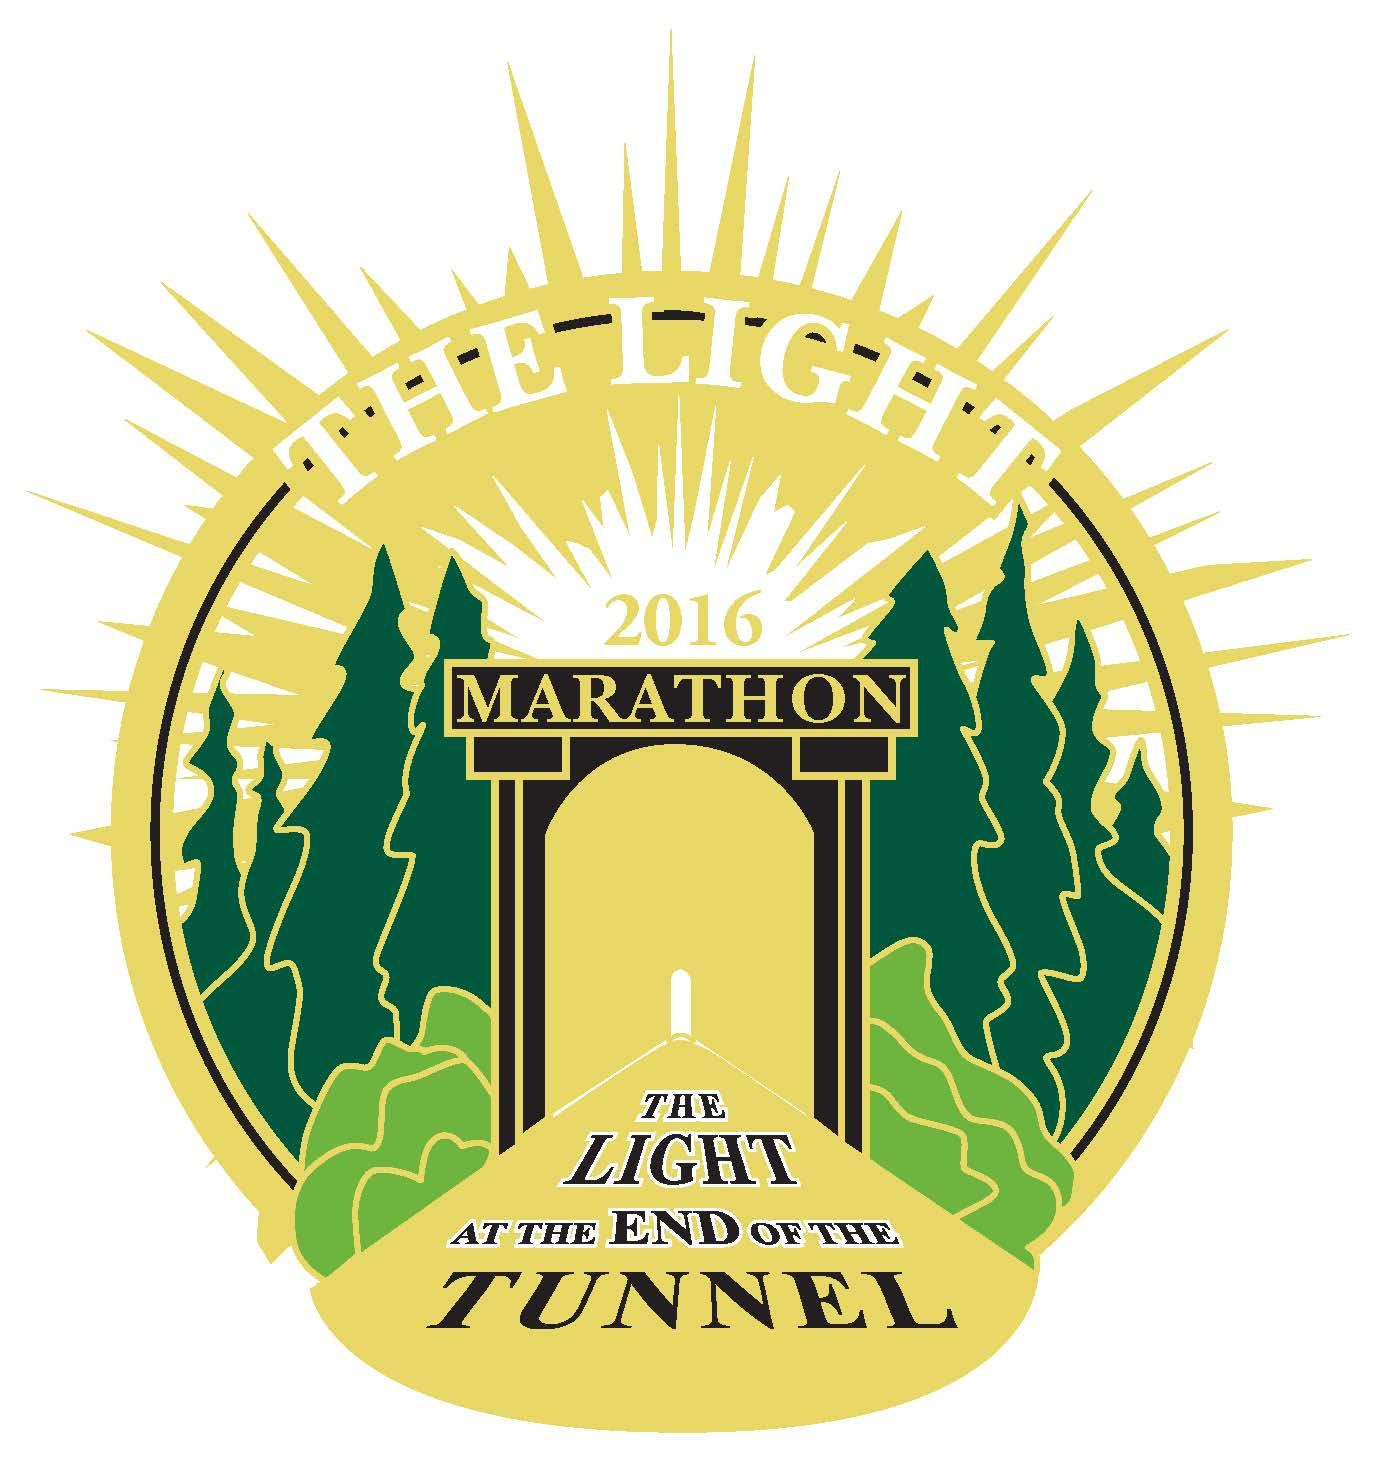 Tunnel-Light-2016.jpg